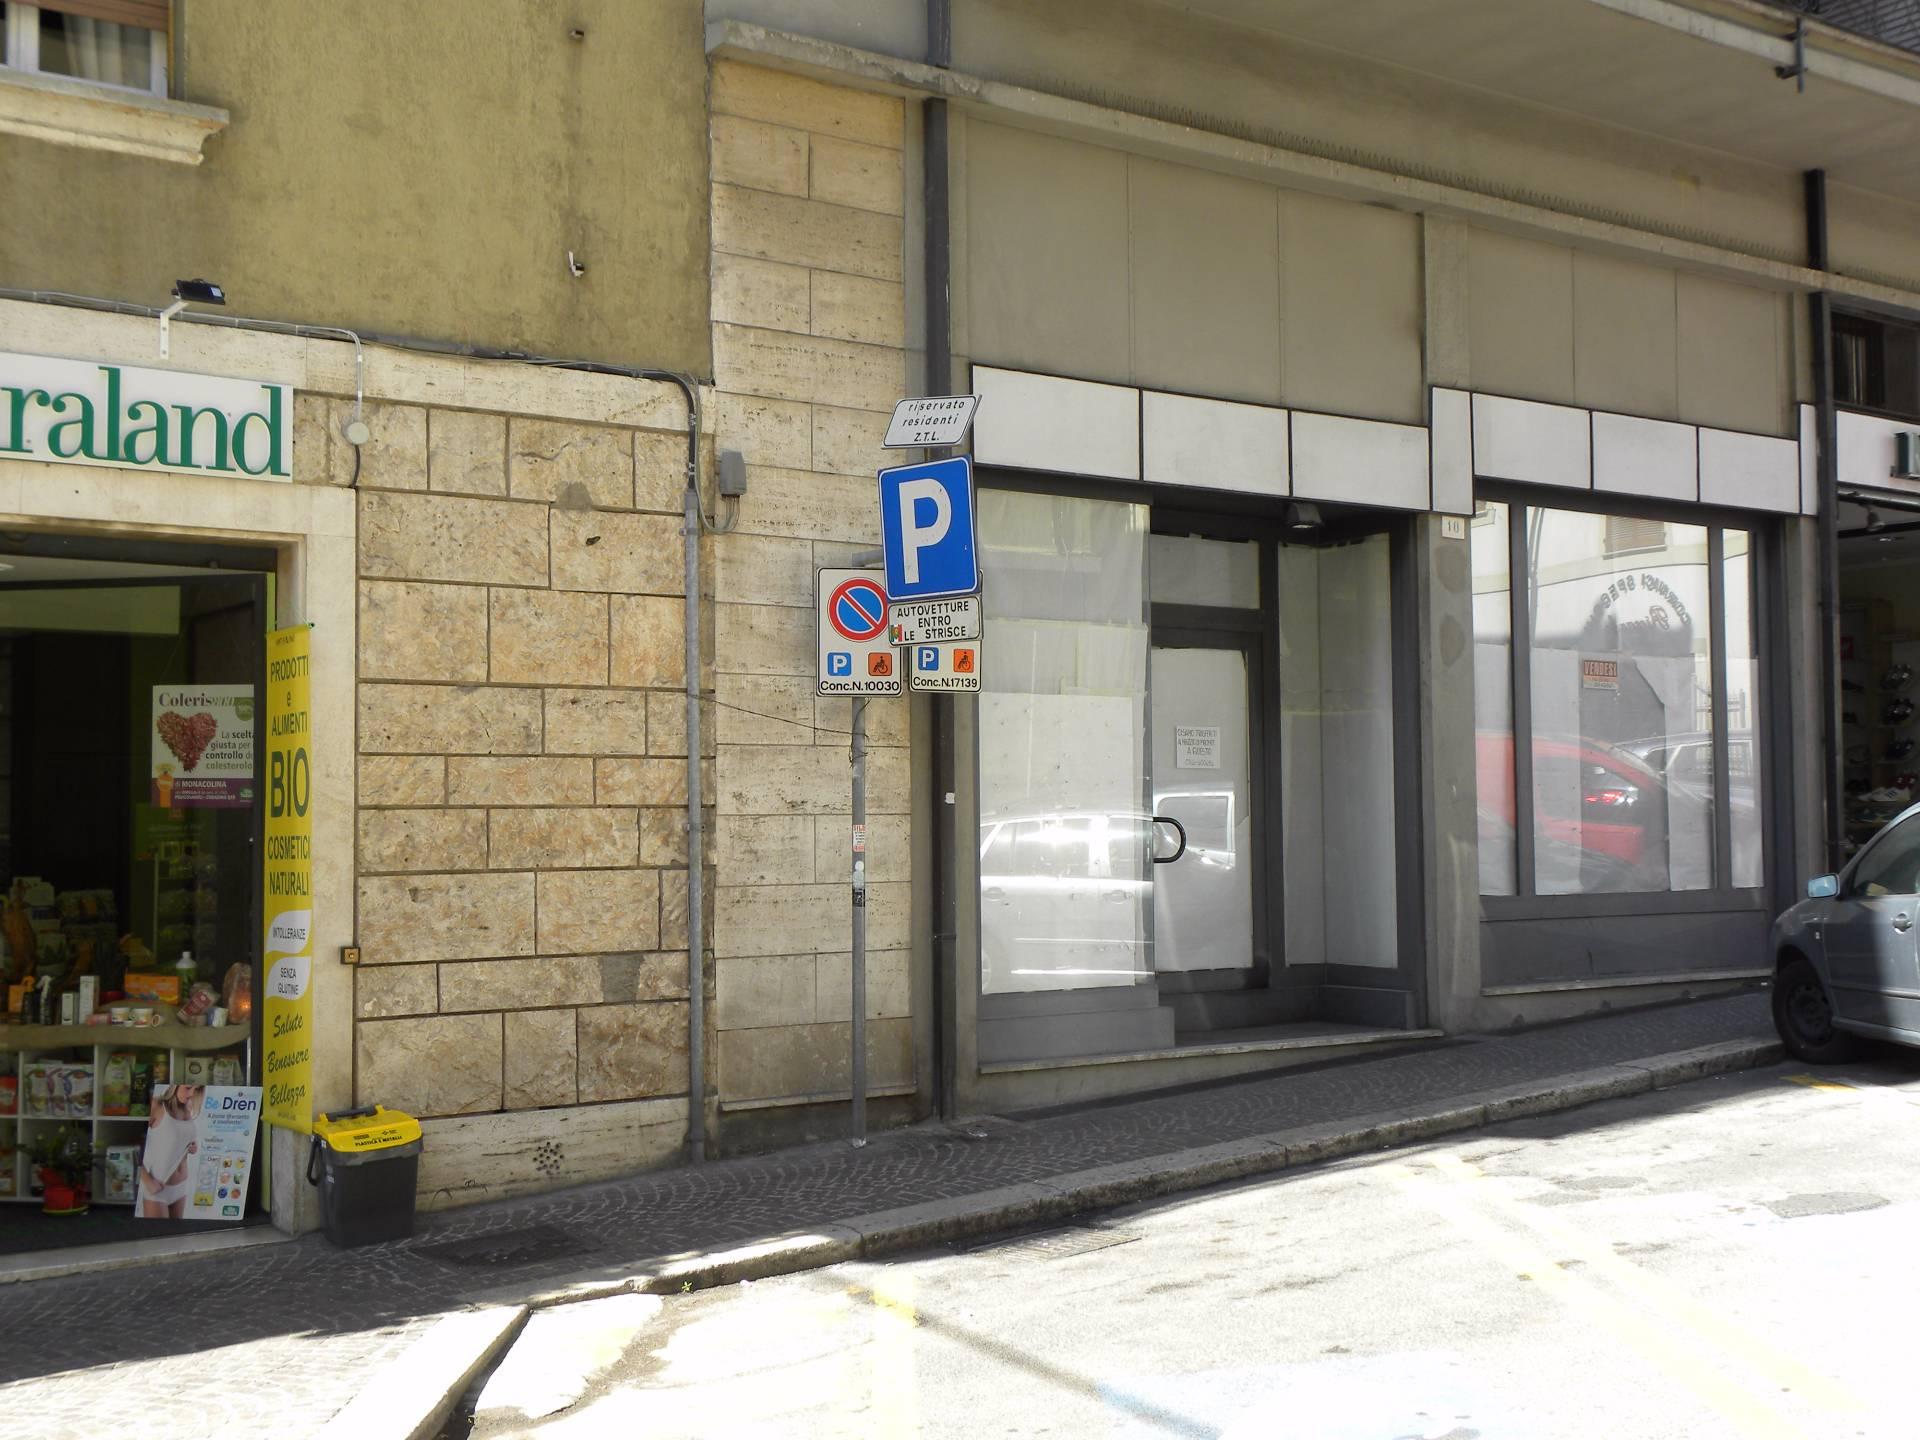 Negozio / Locale in vendita a Terni, 9999 locali, zona Zona: Centro, prezzo € 150.000 | CambioCasa.it